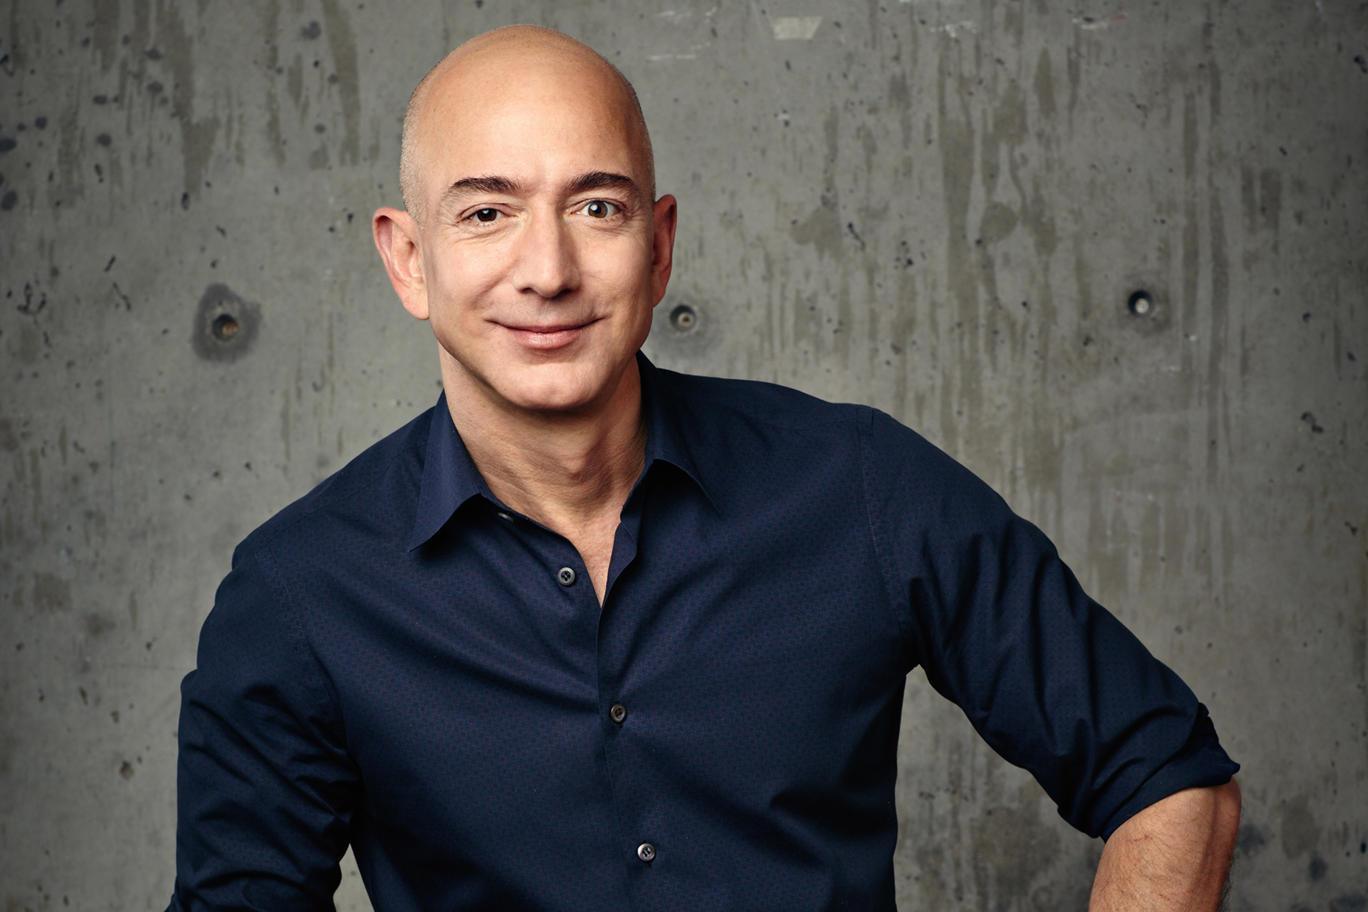 1964 Jude Jeffrey Preston Jorgensen (Jeff Bezos). Gründer und Chef von Amazon. Mit 55 Milliarden Dollar Vermögen drittreichster US-Amerikaner.